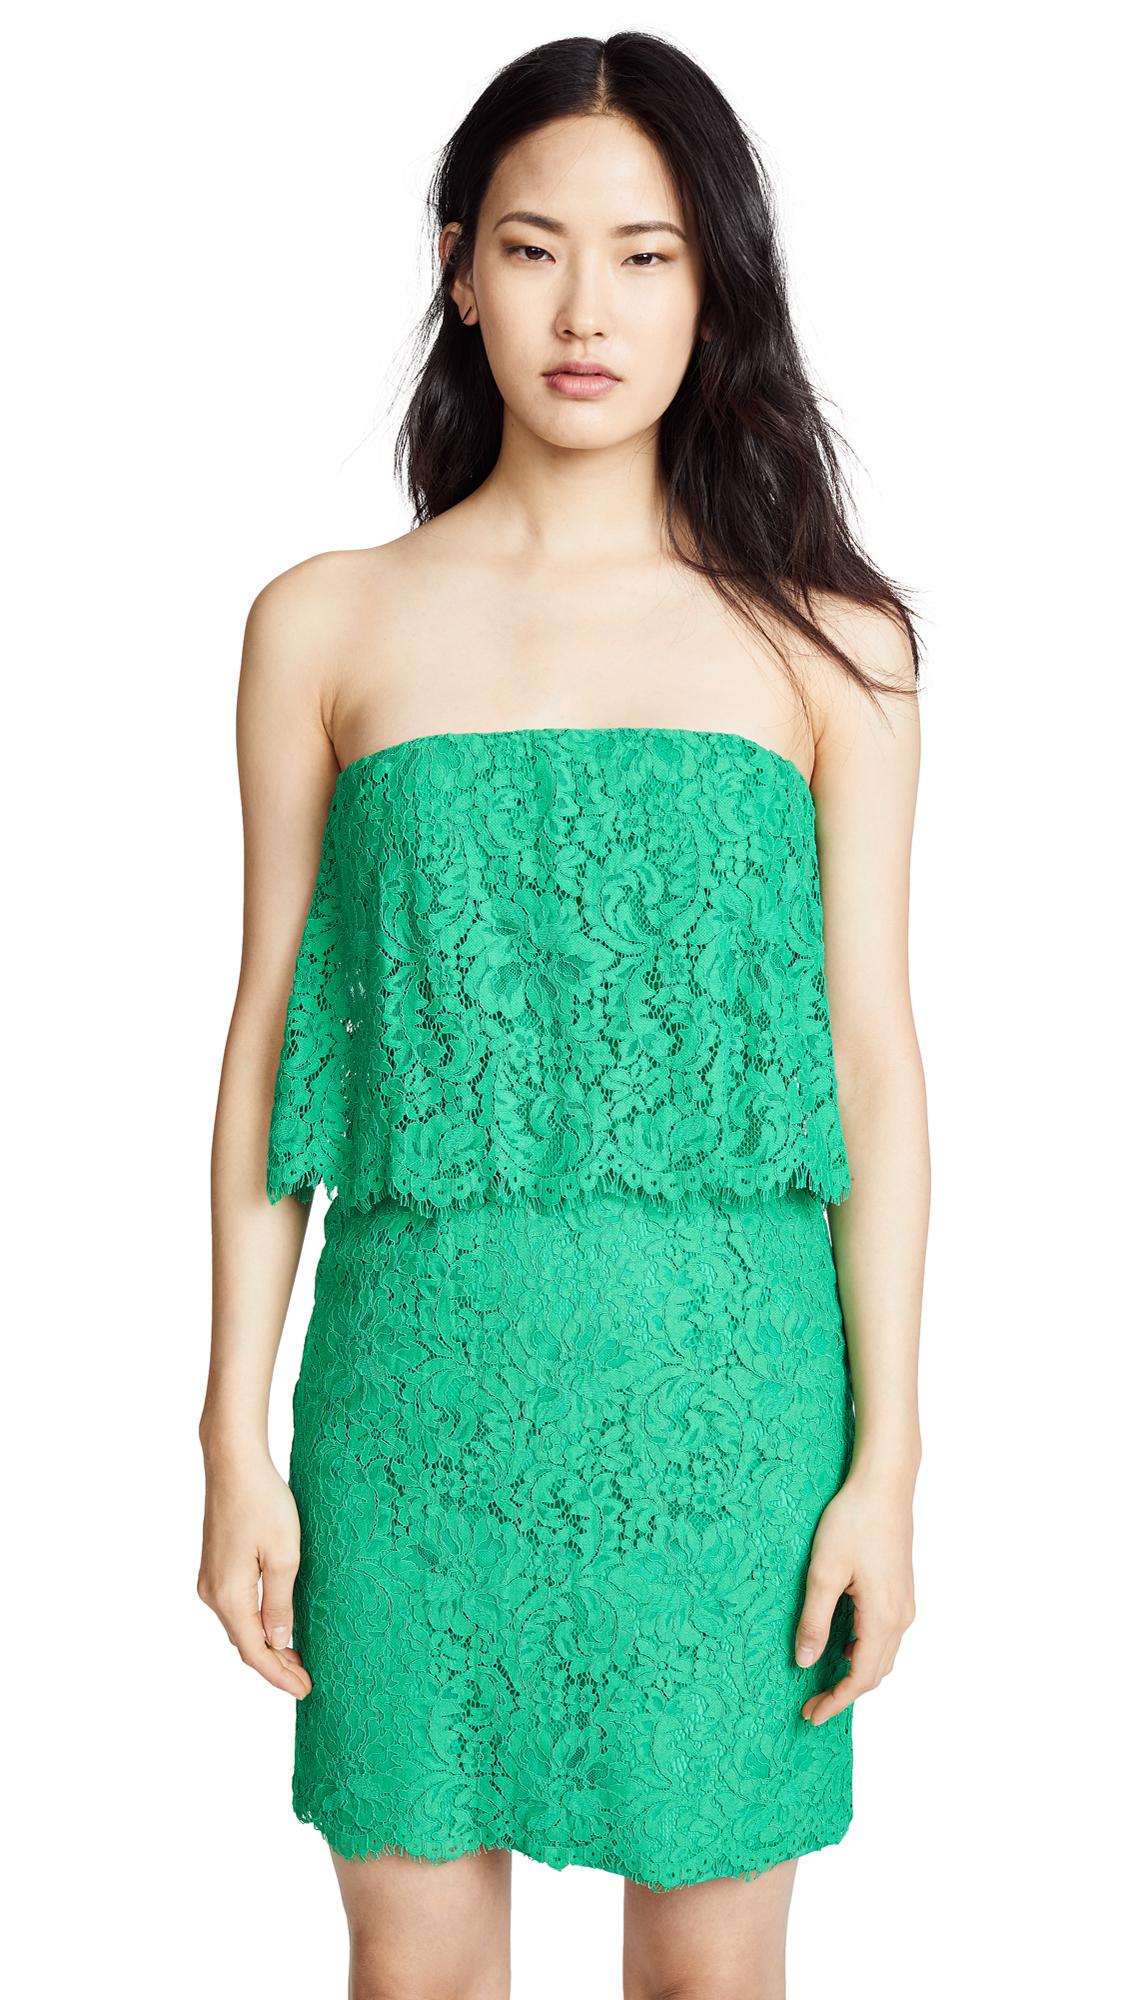 BB Dakota Cici Scalloped Lace Dress - Jade